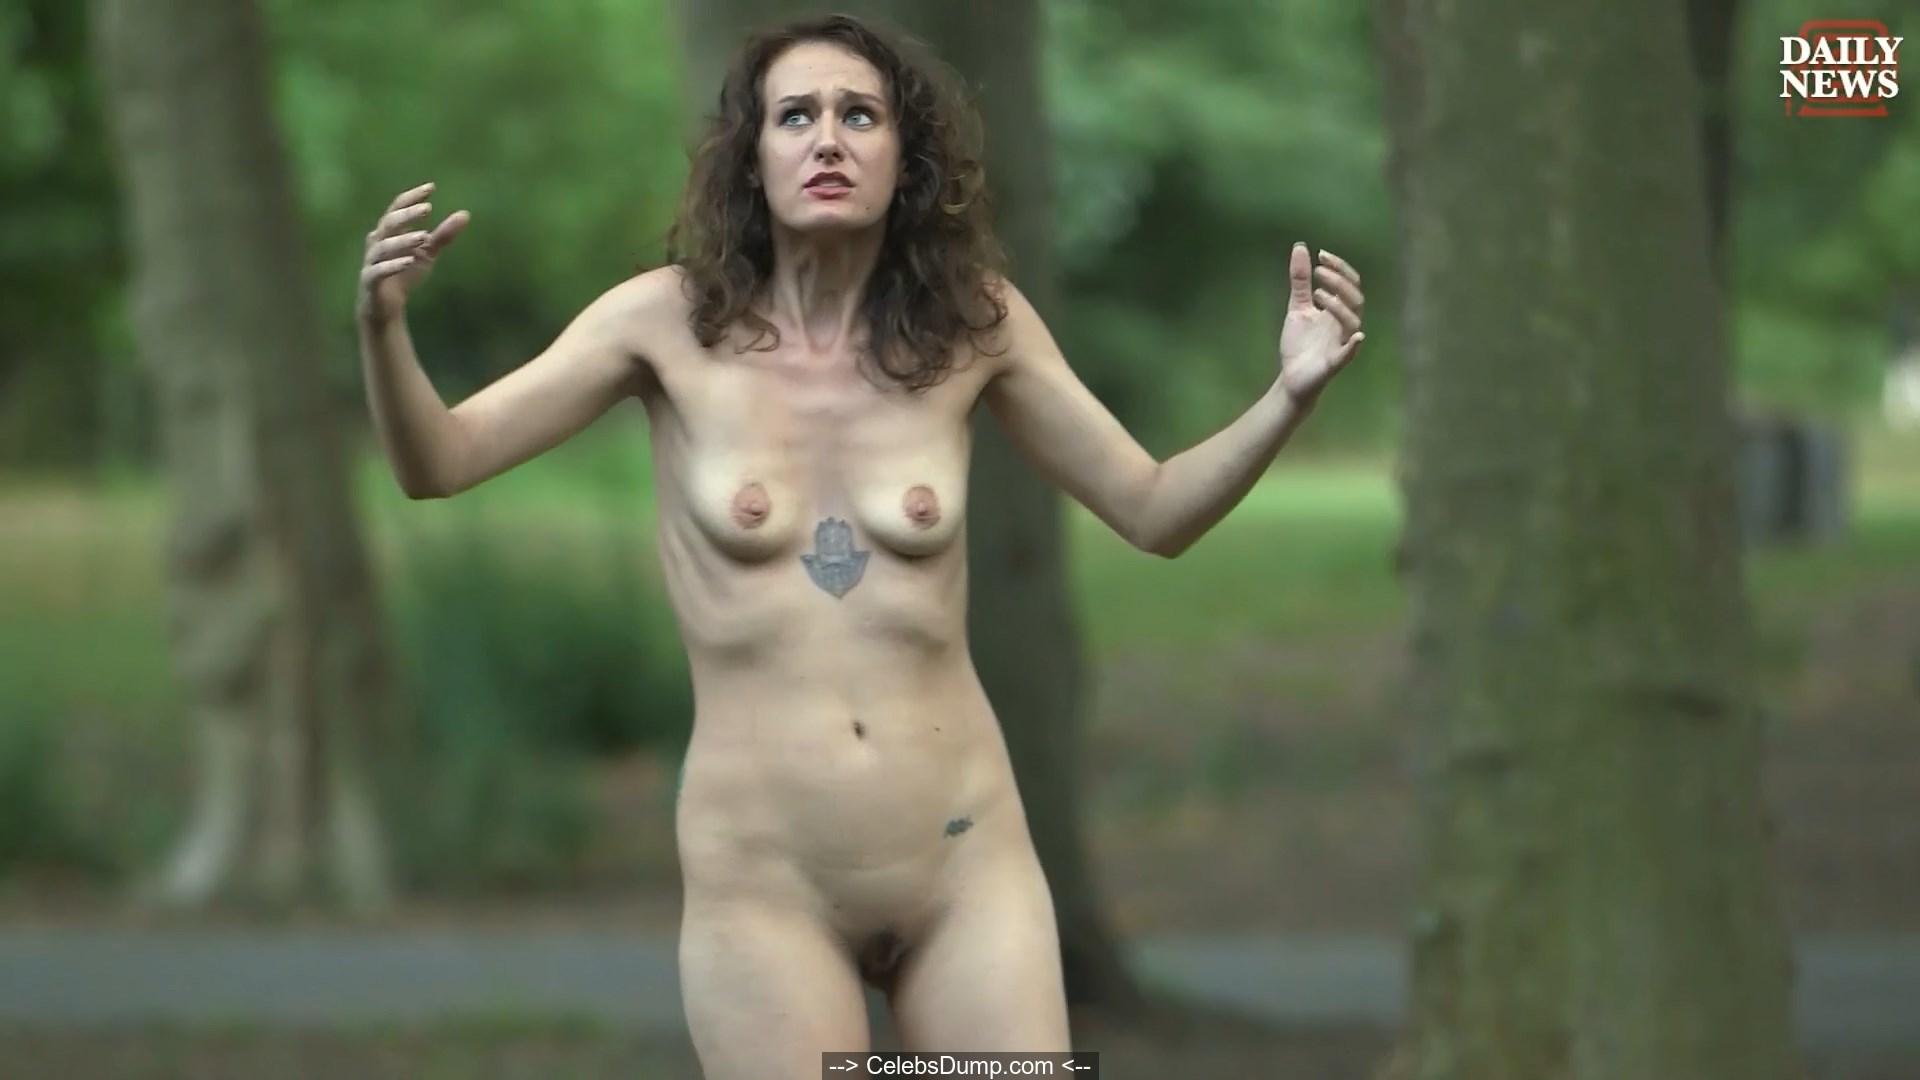 Gina Marie Heekin